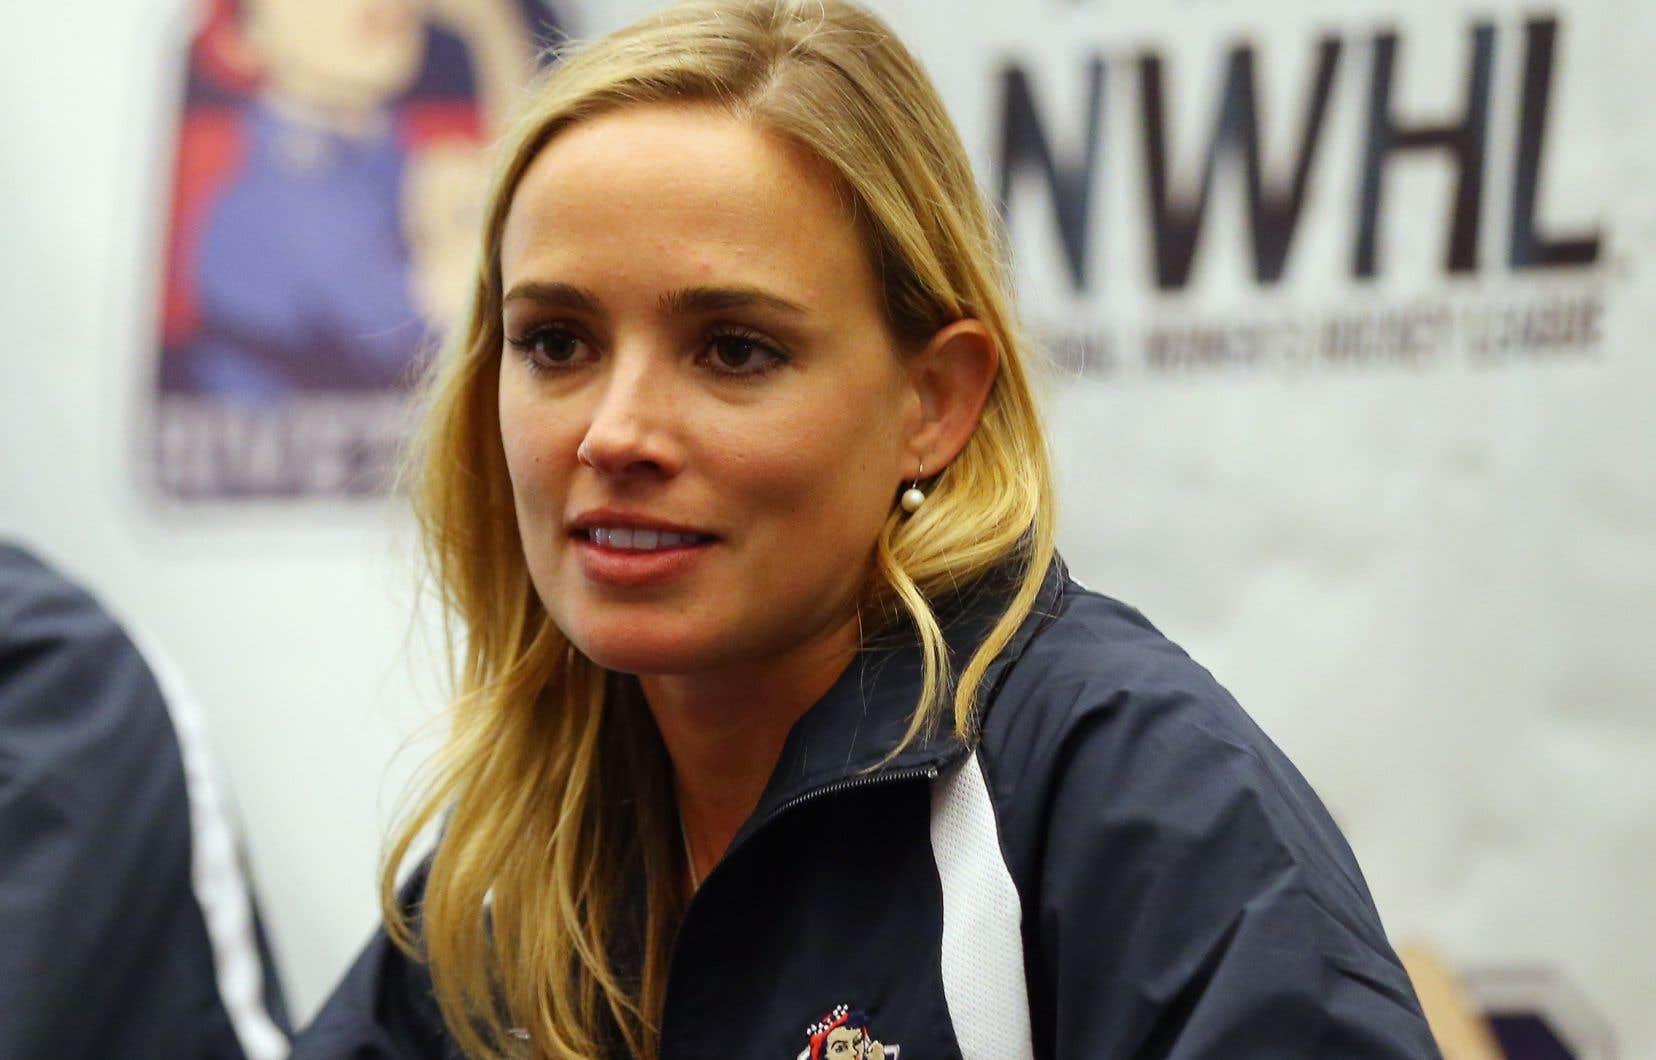 La Ligue nationale de hockey féminin pourra disputer une saison complète